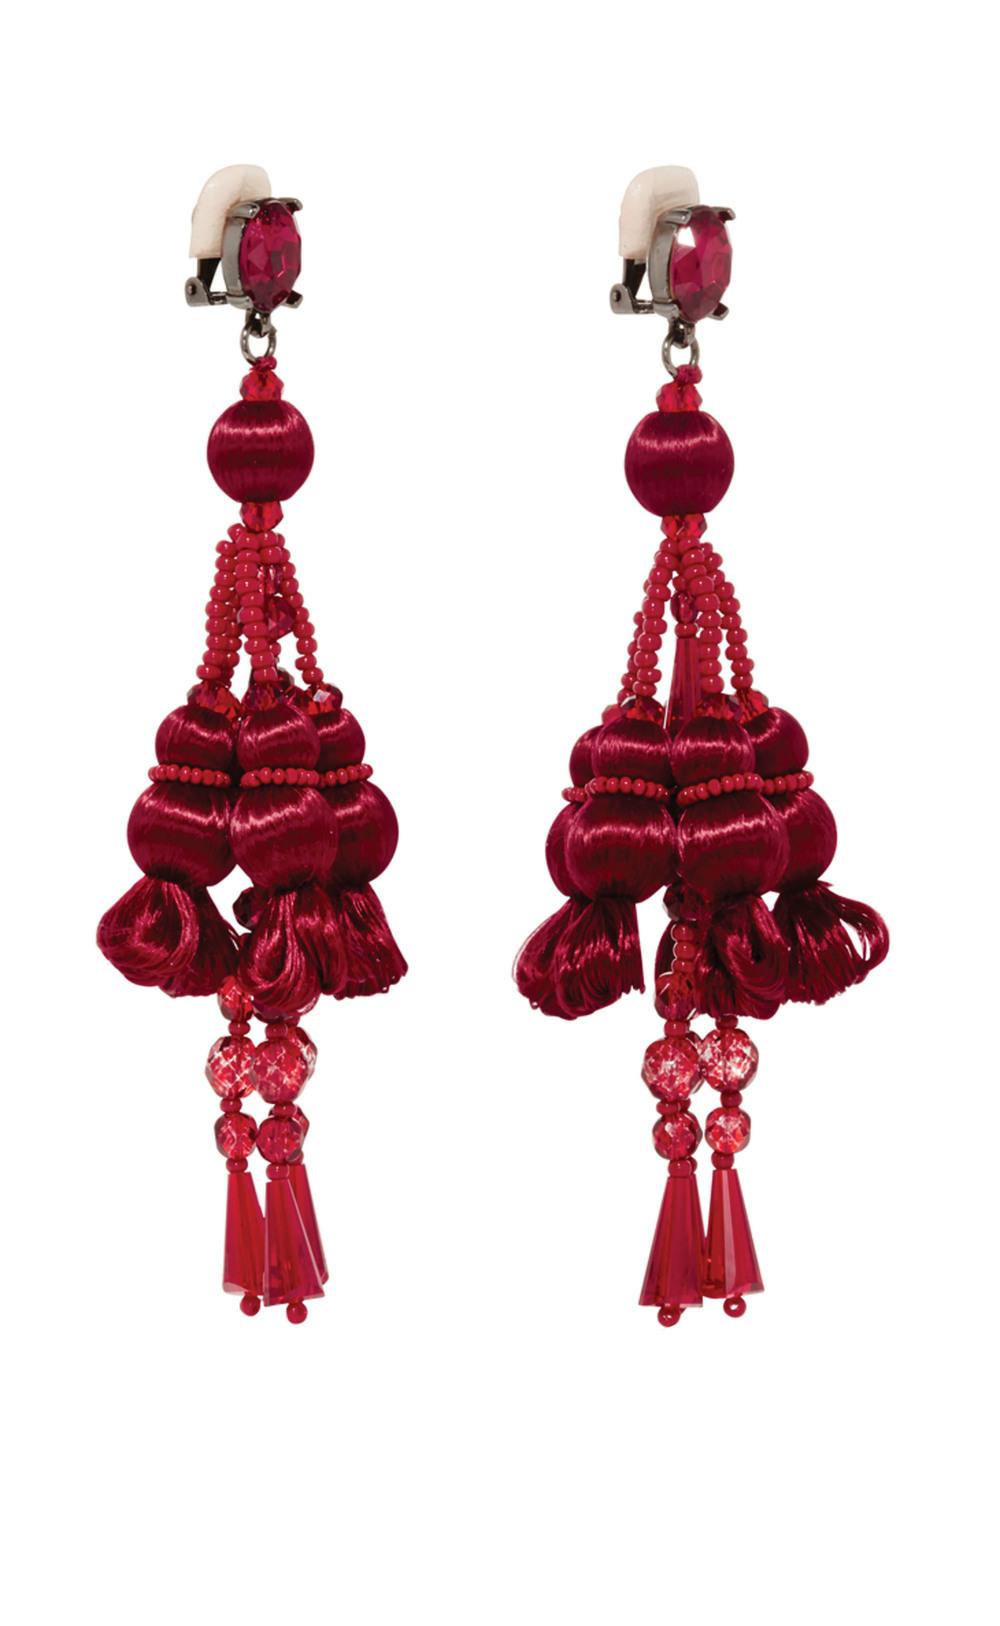 Oscar de la Renta Silk Pom Pom Clip On Earrings$690